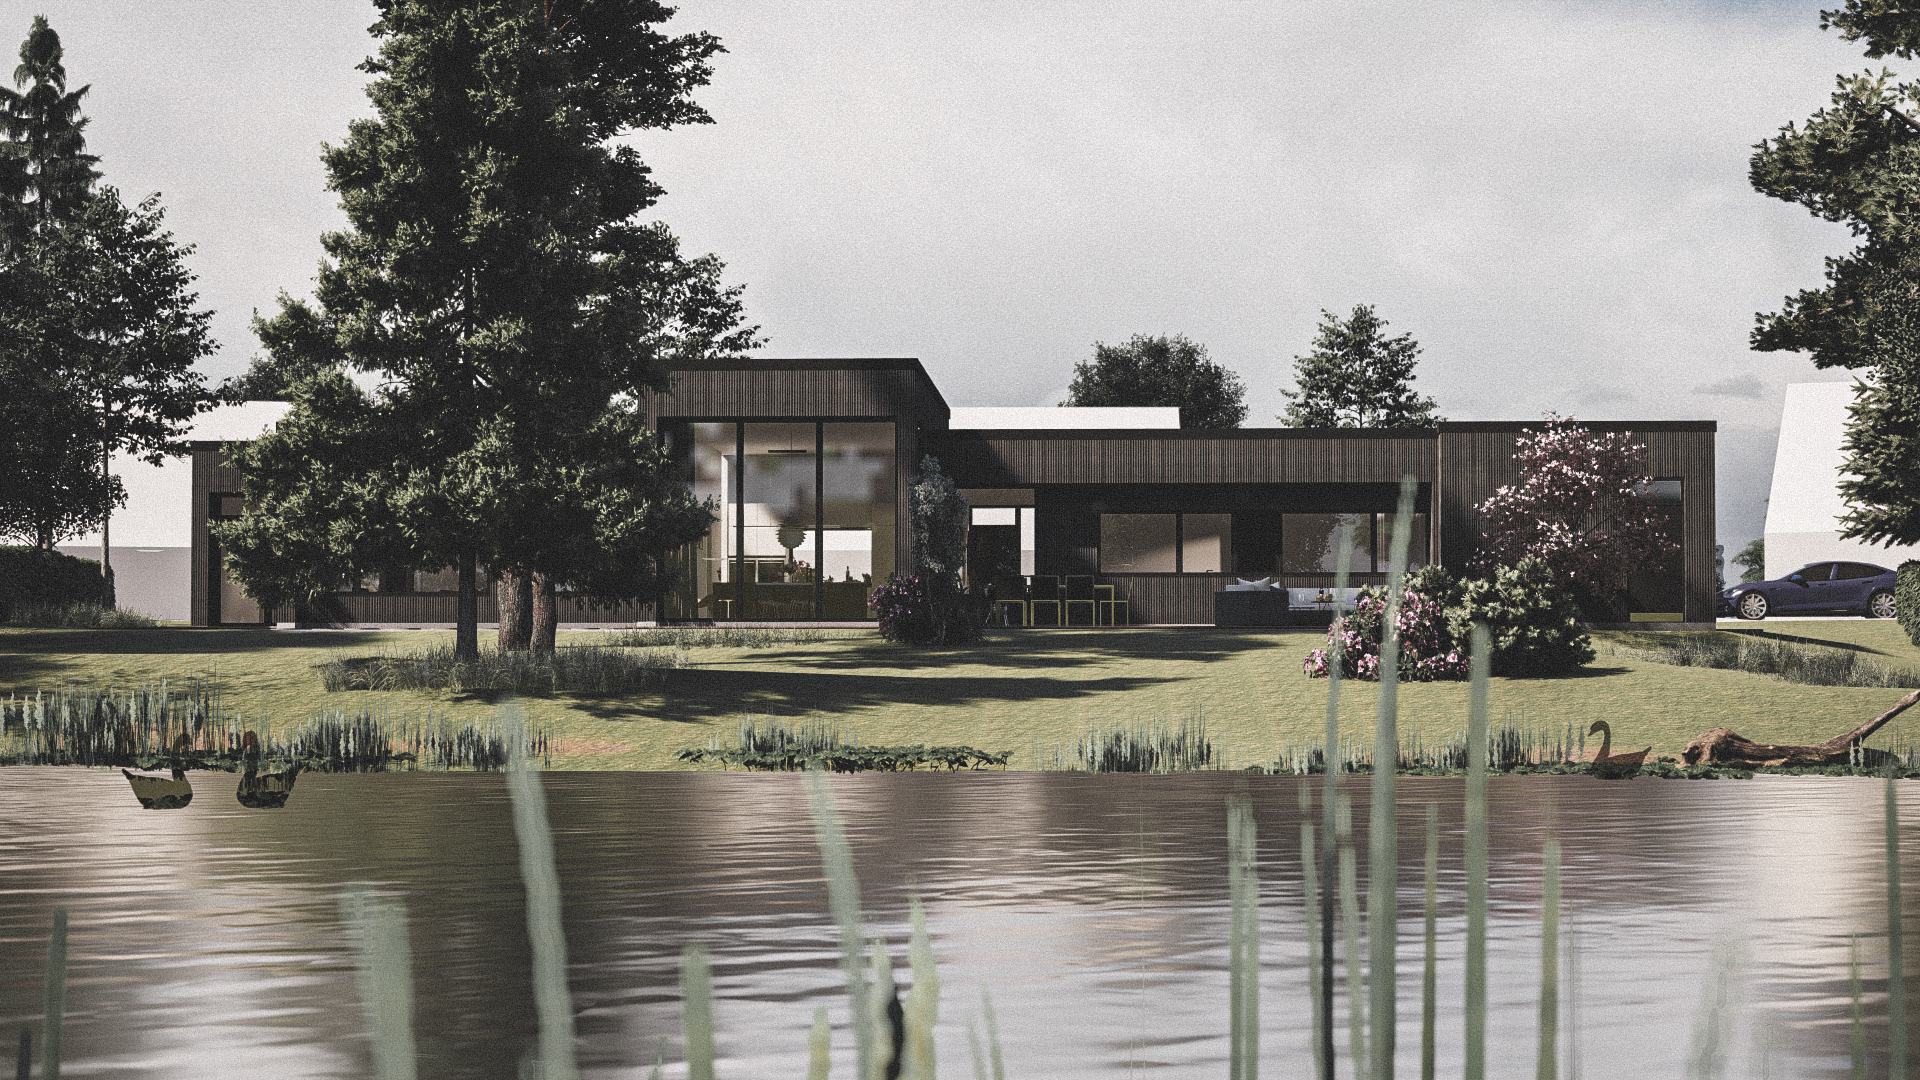 Billede af et arkitekt tegnet projektforslag af ny drømmebolig i Virum, af det danske arkitektfirma m2plus